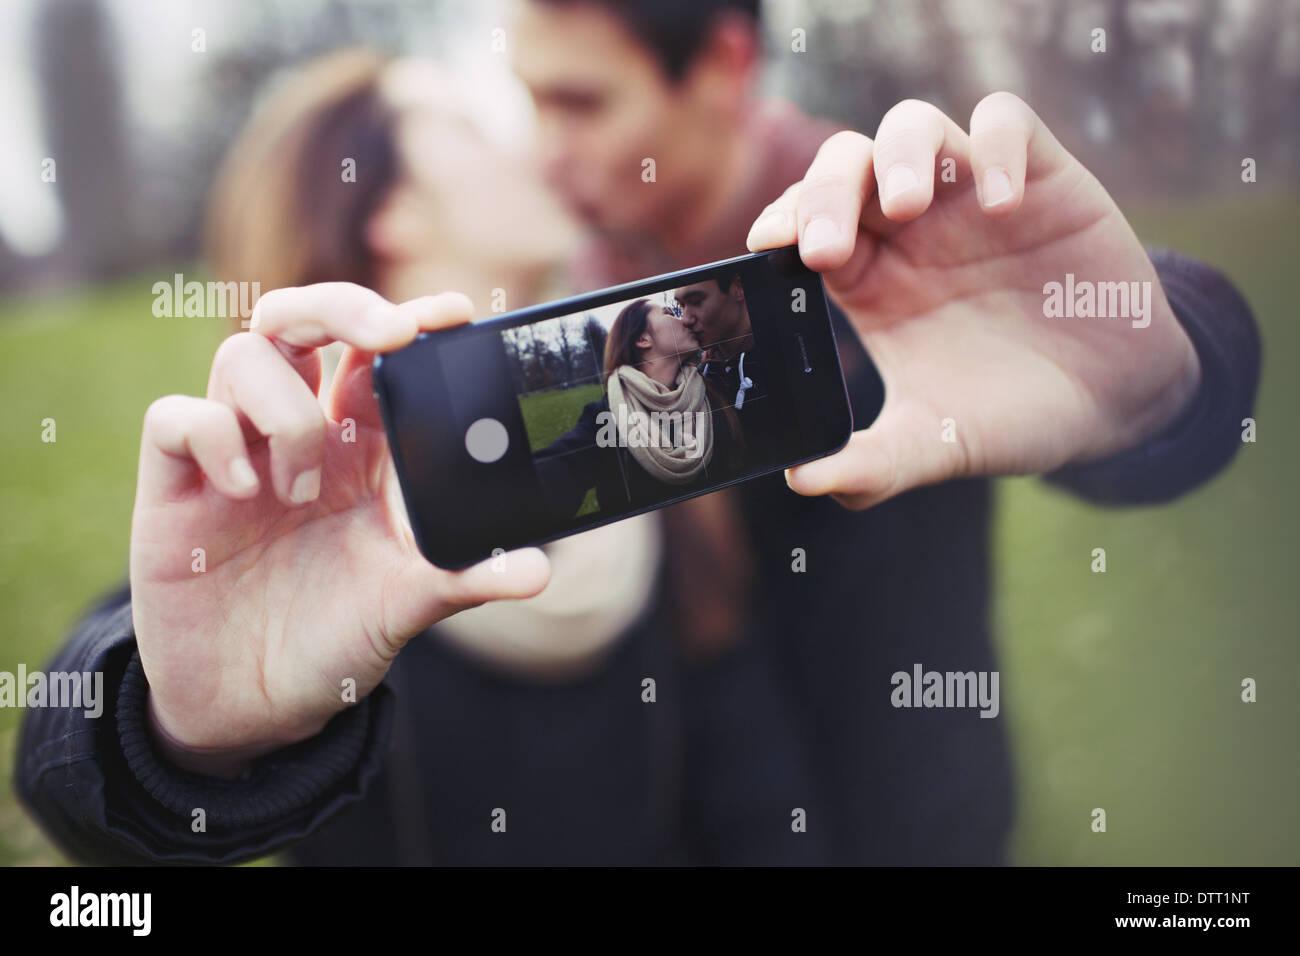 Amorevole coppia giovane fotografa se stessi con un telefono cellulare mentre baciare al parco. Focus su smart phone. Immagini Stock